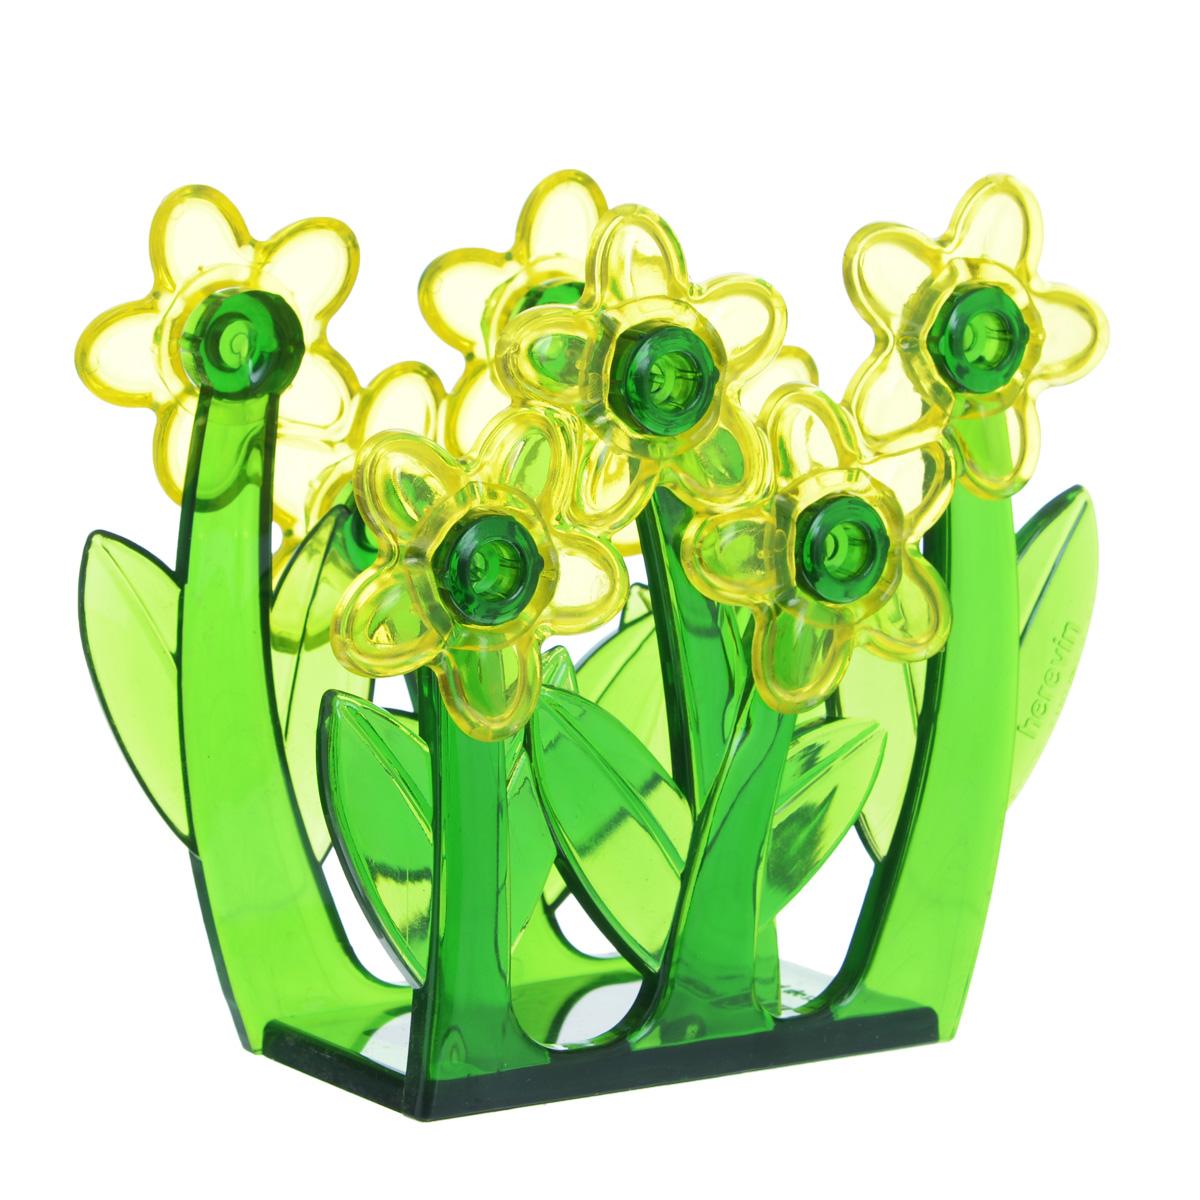 Салфетница Herevin, цвет: желтыйVT-1520(SR)Салфетница Herevin, изготовленная из высококачественного прочного пластика, оформлена декоративными цветами. Яркий и оригинальный дизайн несомненно придется вам по вкусу. Такая салфетница великолепно украсит праздничный стол.